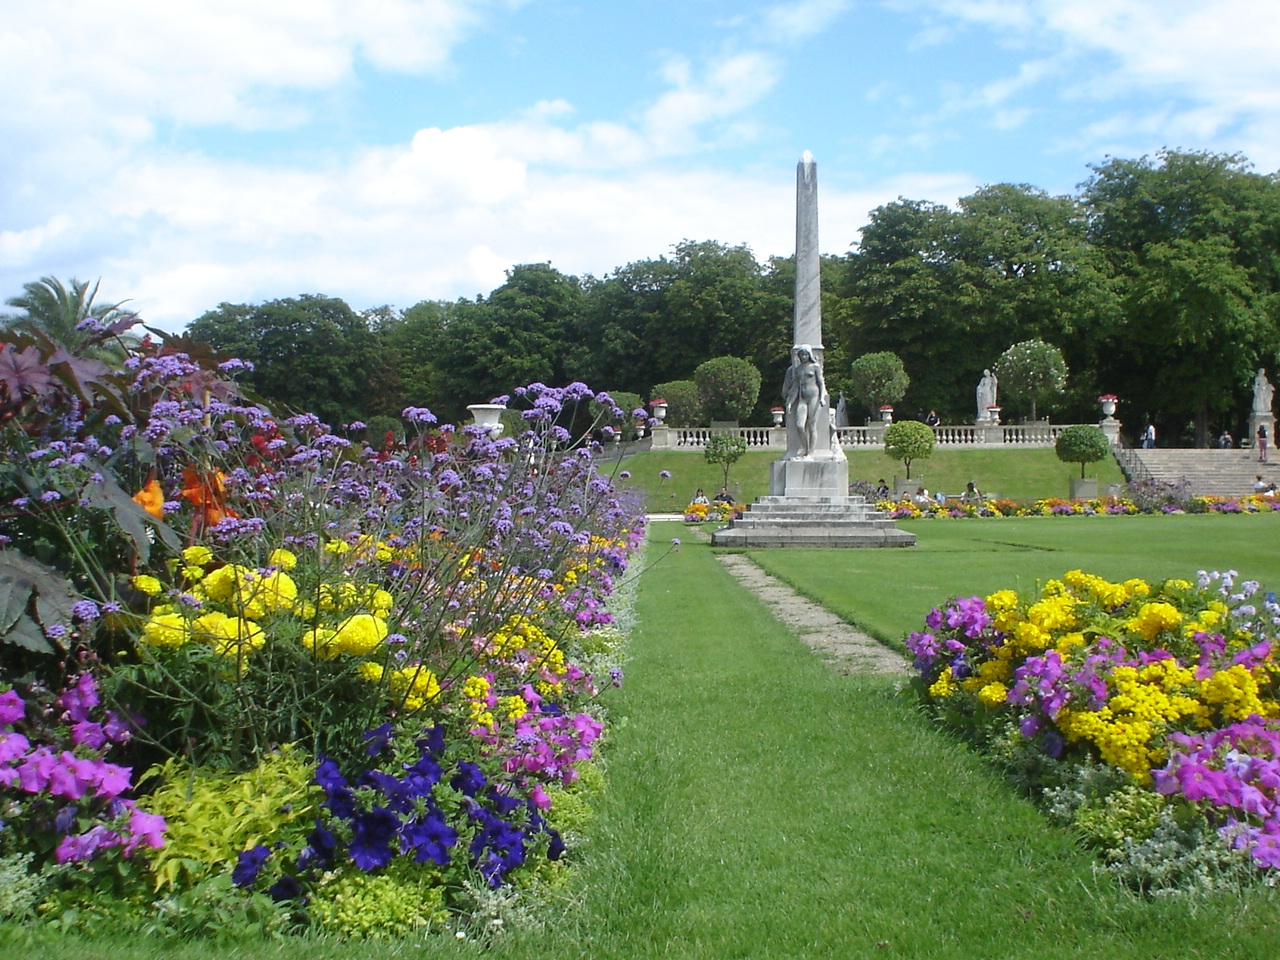 Jardins de luxemburgo vitortrotamundo for 5 jardins de lucie